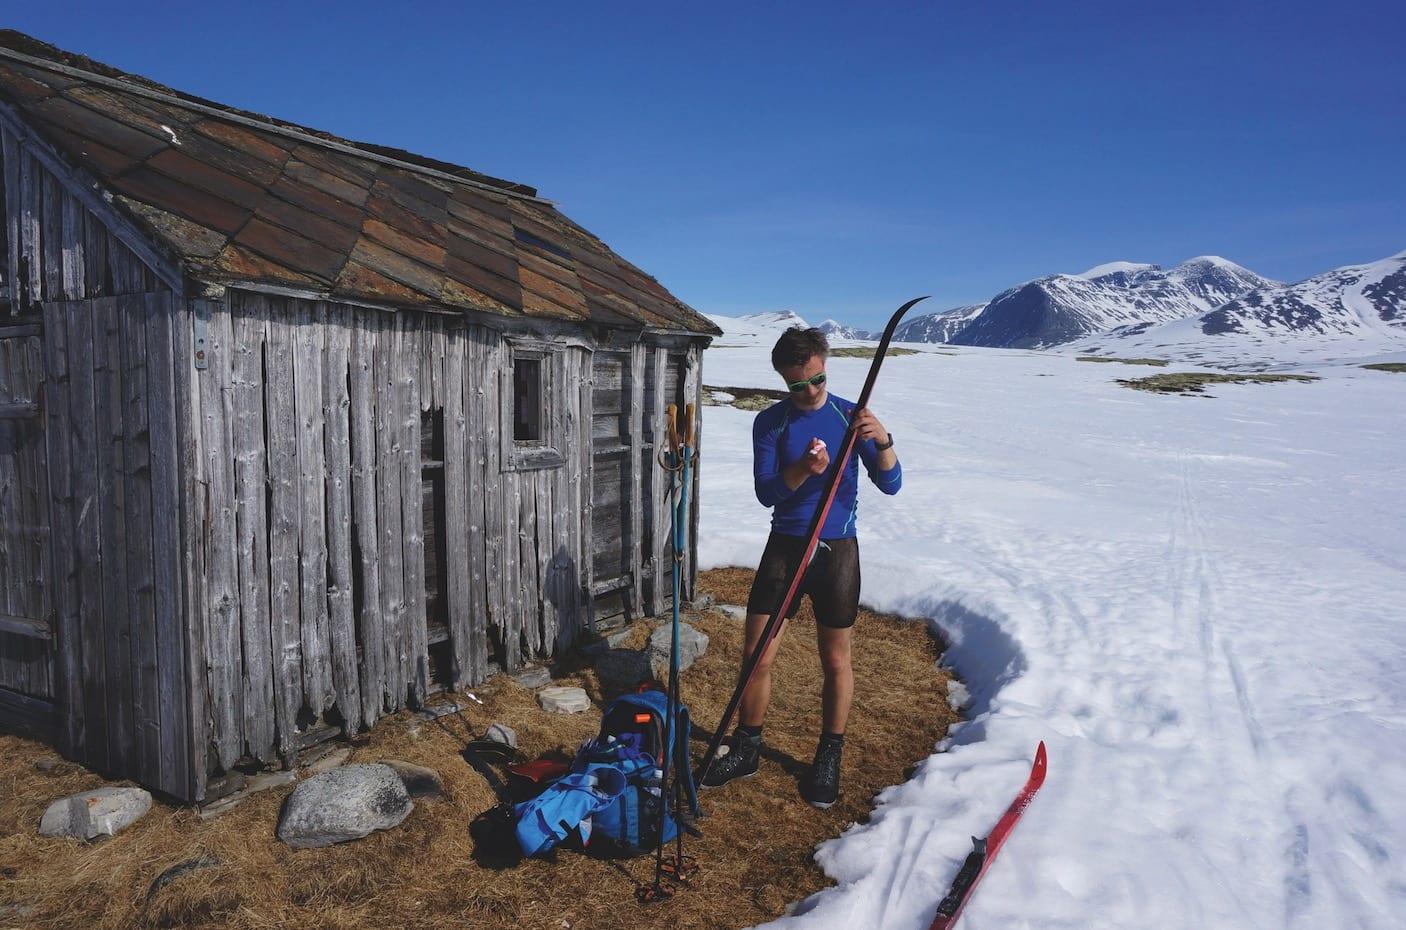 langsua-gjermund nordskar